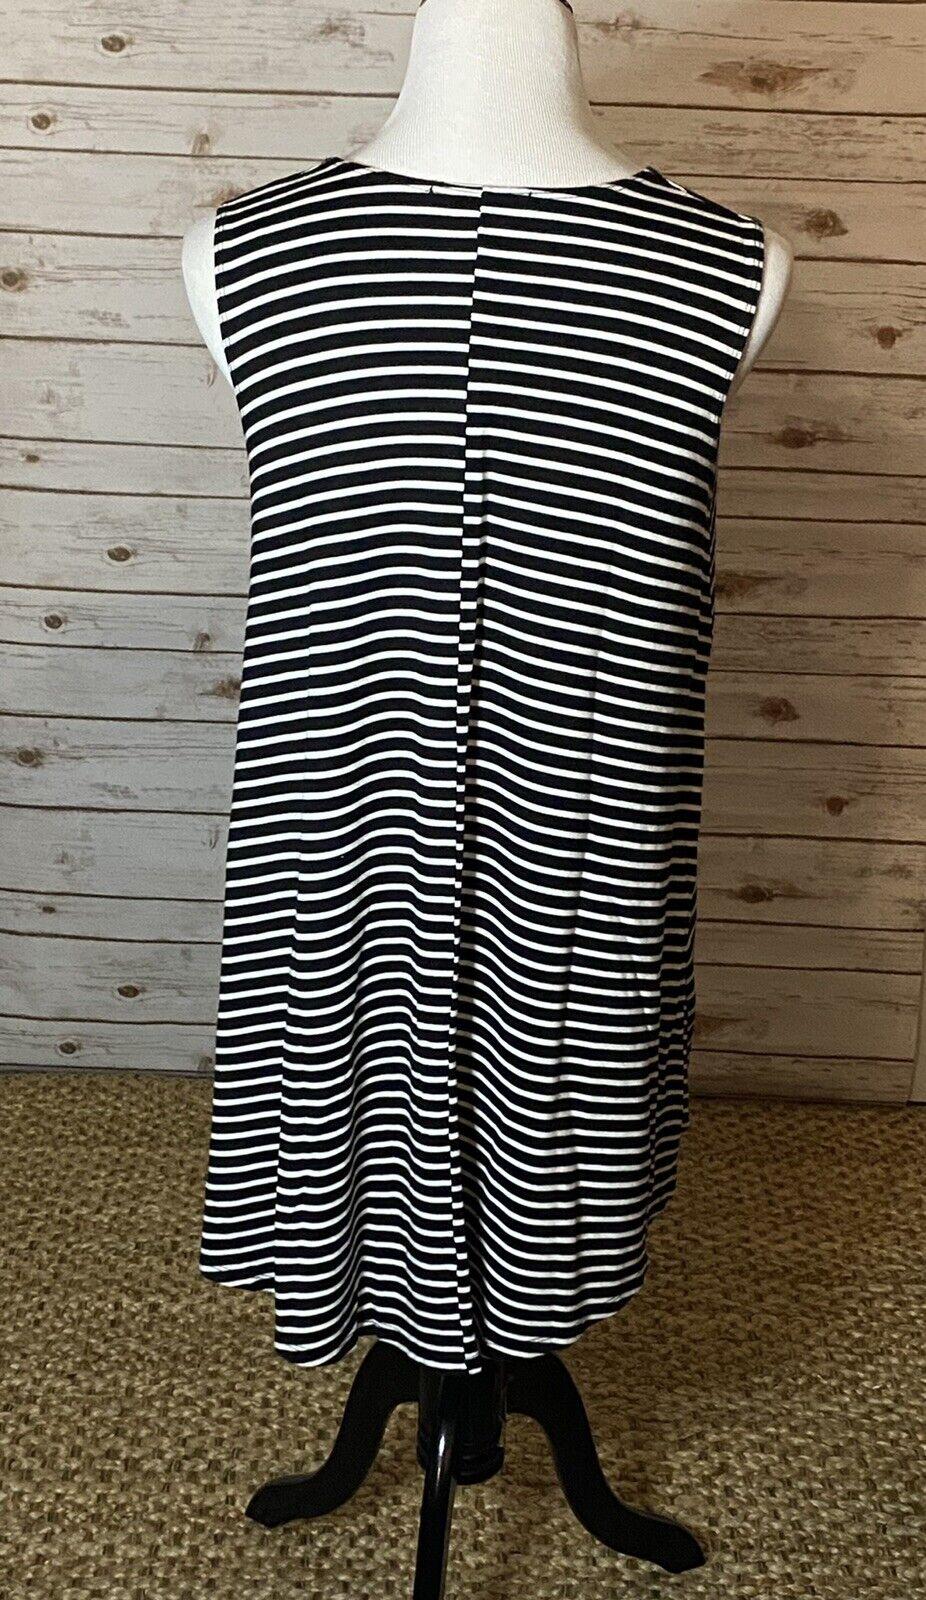 Brandy Melville 'Alena' swing dress One Size - image 4